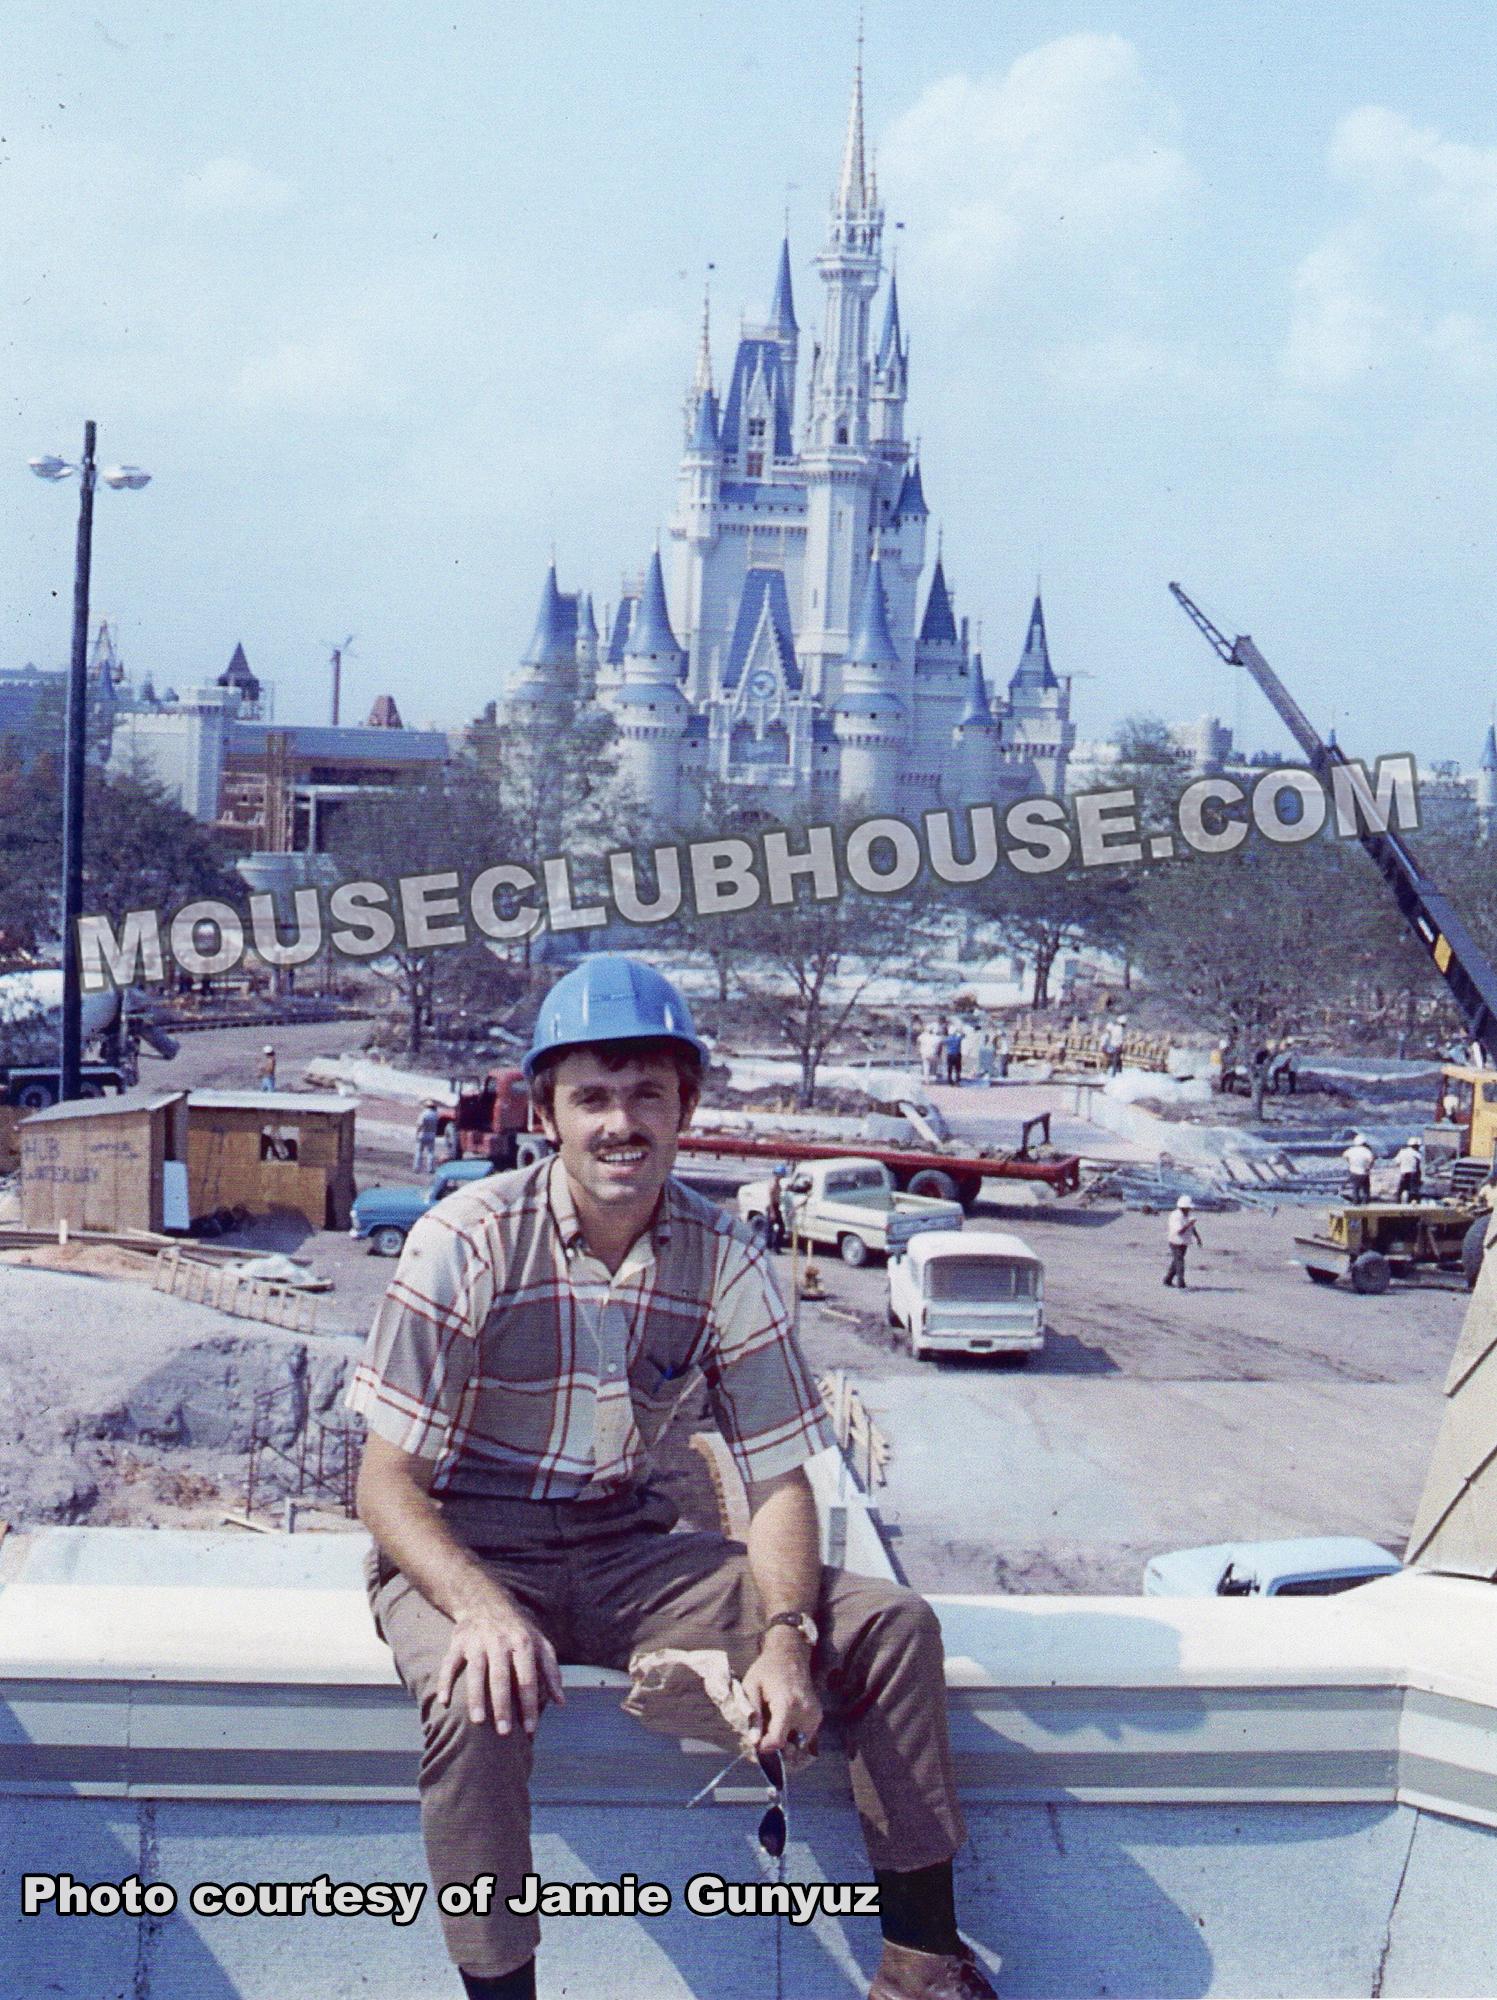 Jamie Gunyuz in front of Cinderella Castle in Walt Disney World, still under construction